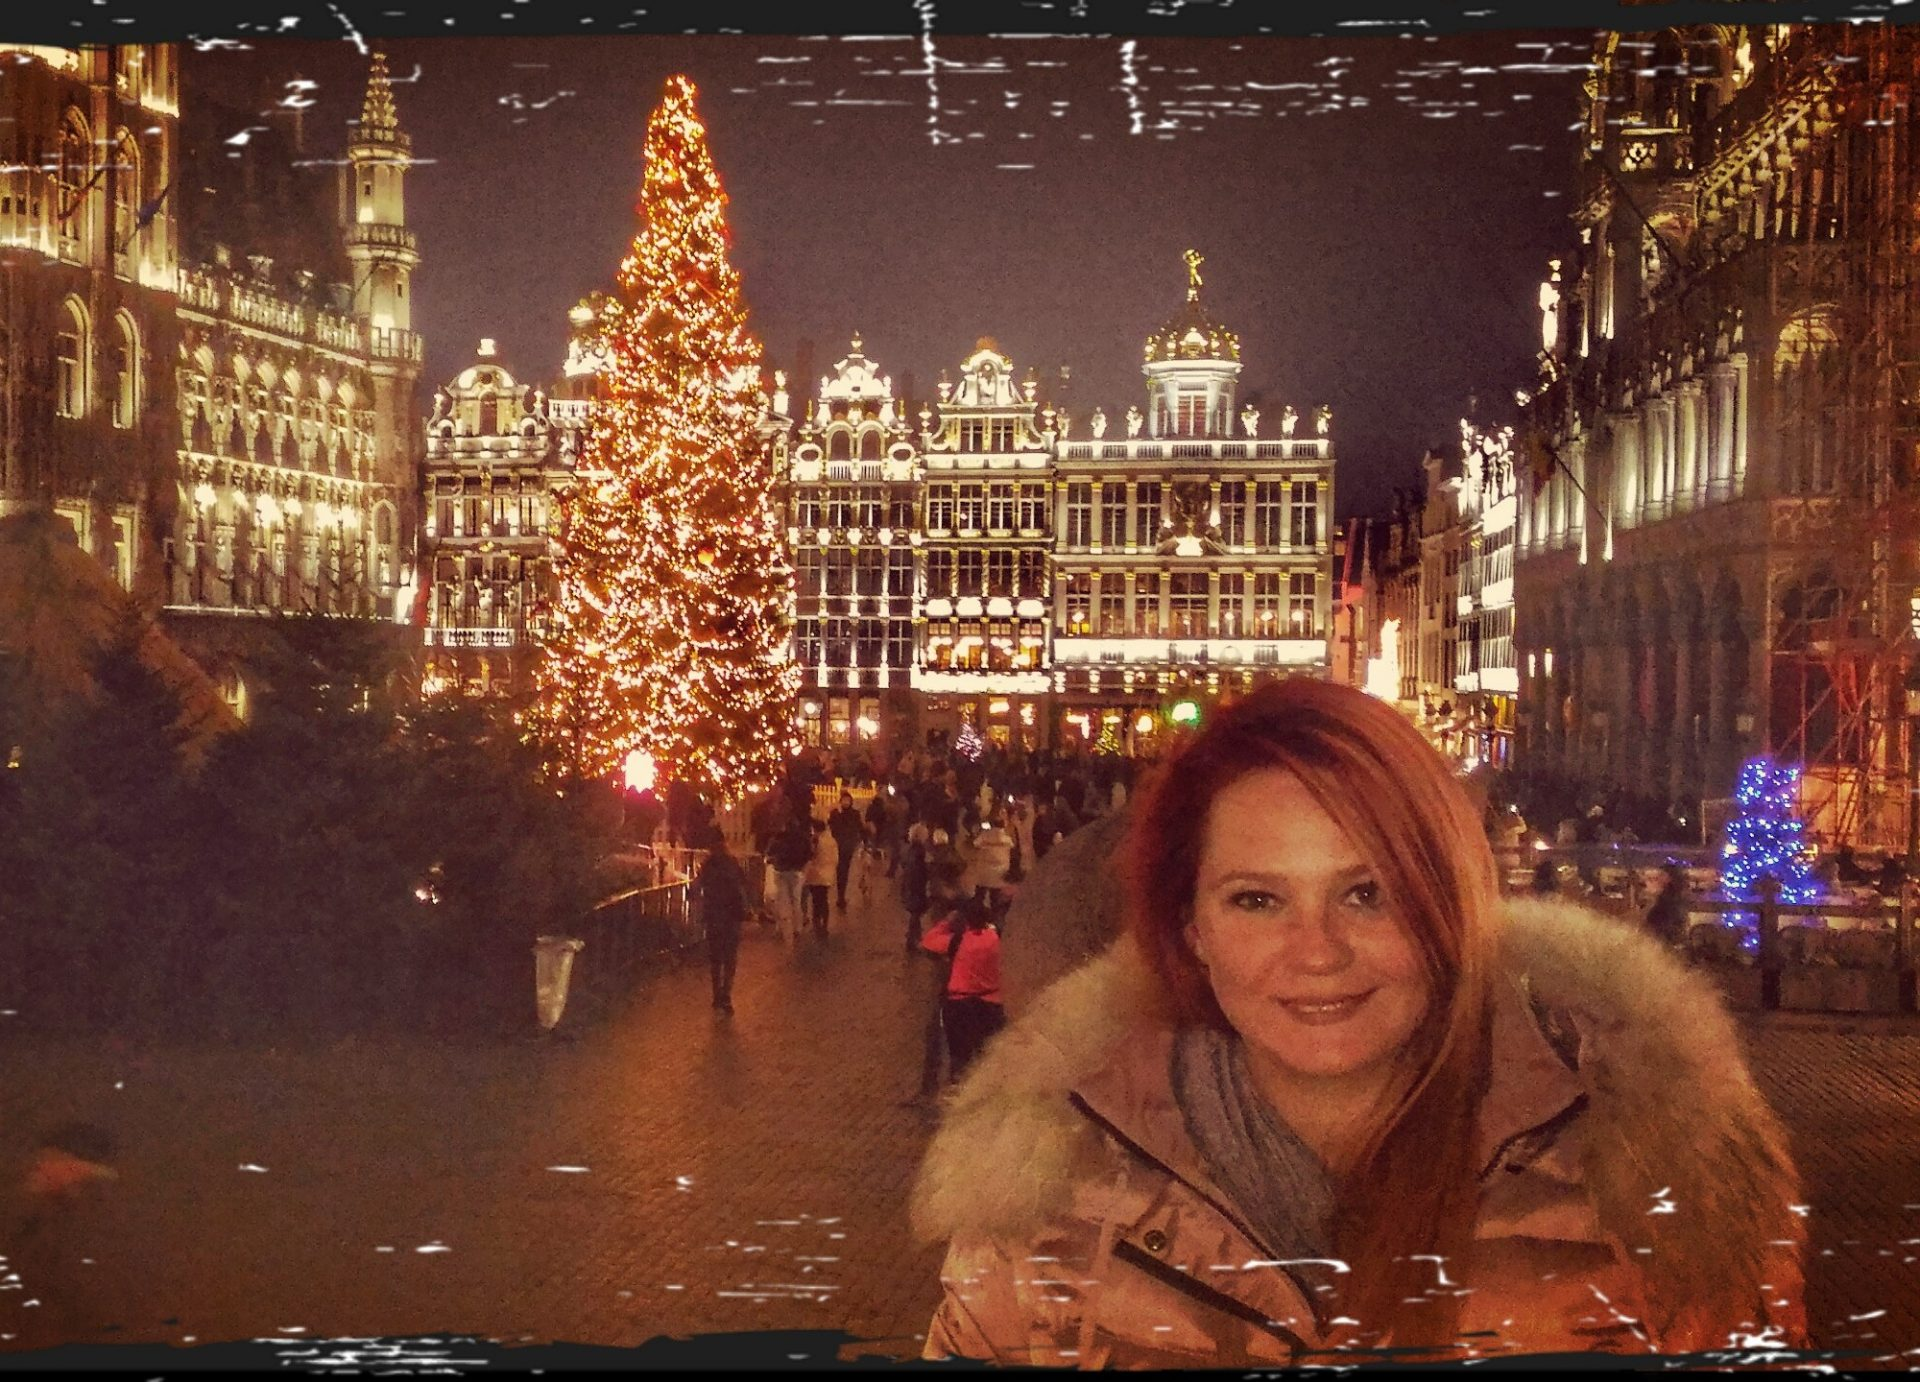 Bruxelles și magia Crăciunului